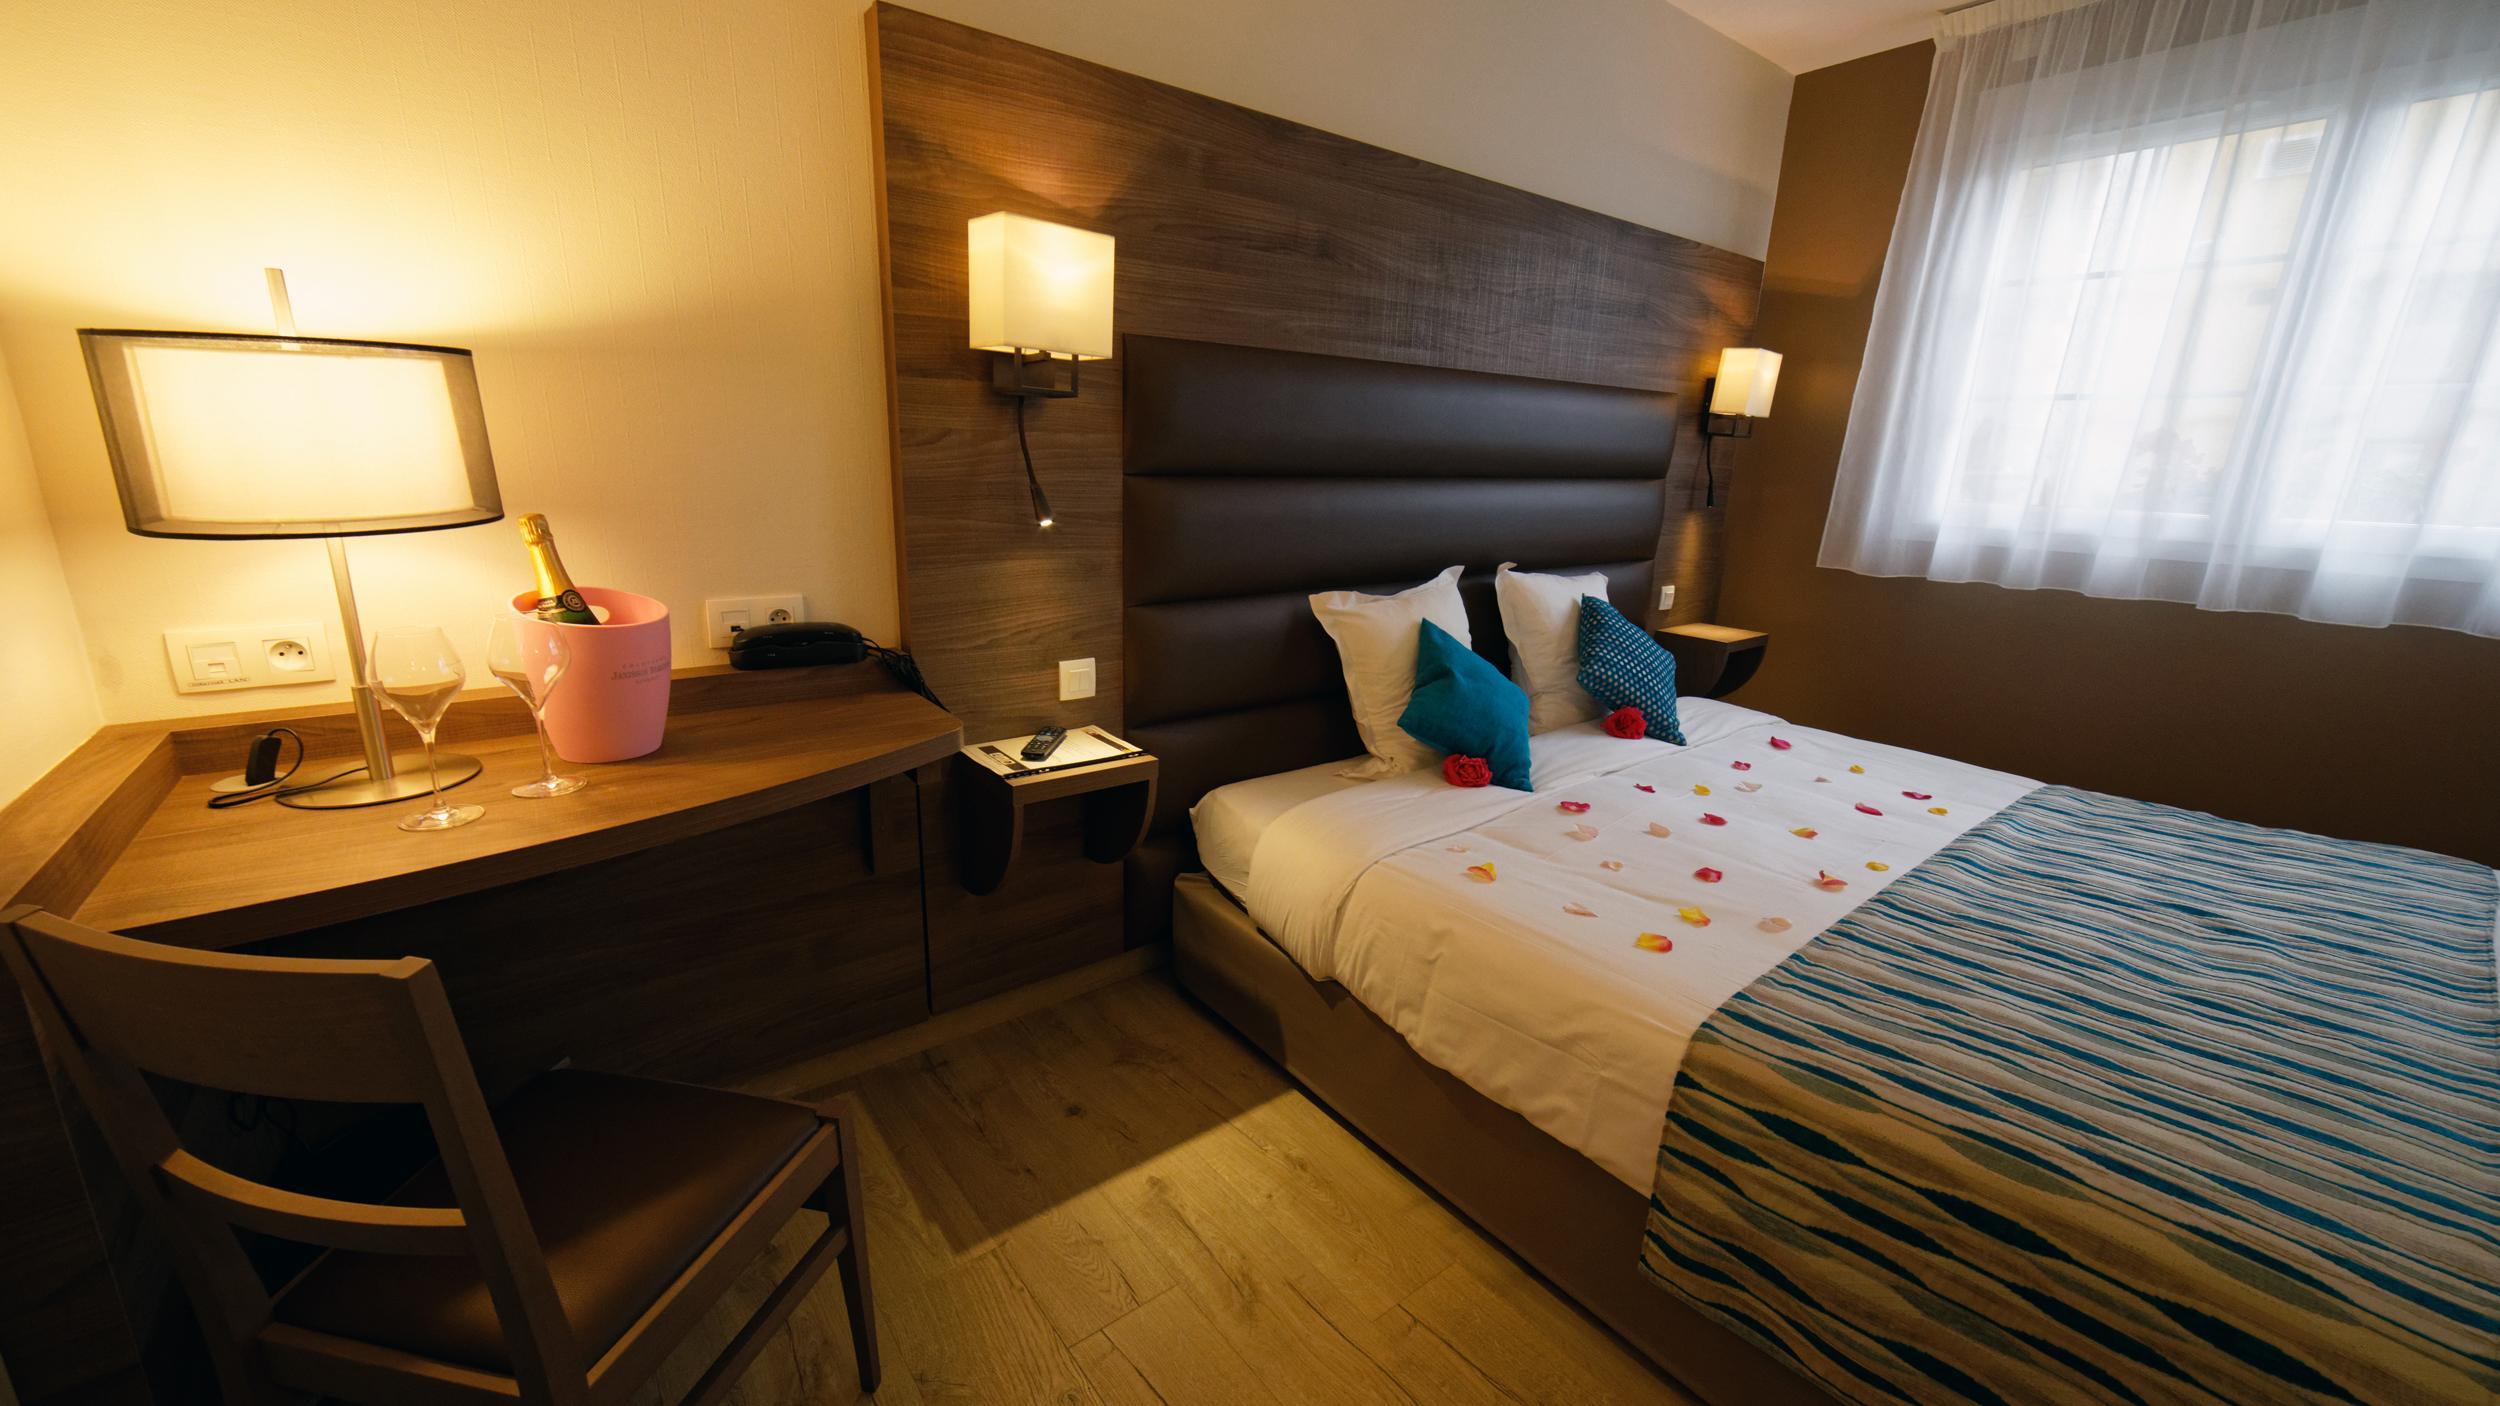 tarifs chambre h tel matougues proche chalons en champagne duplex familiale avec climatisation. Black Bedroom Furniture Sets. Home Design Ideas